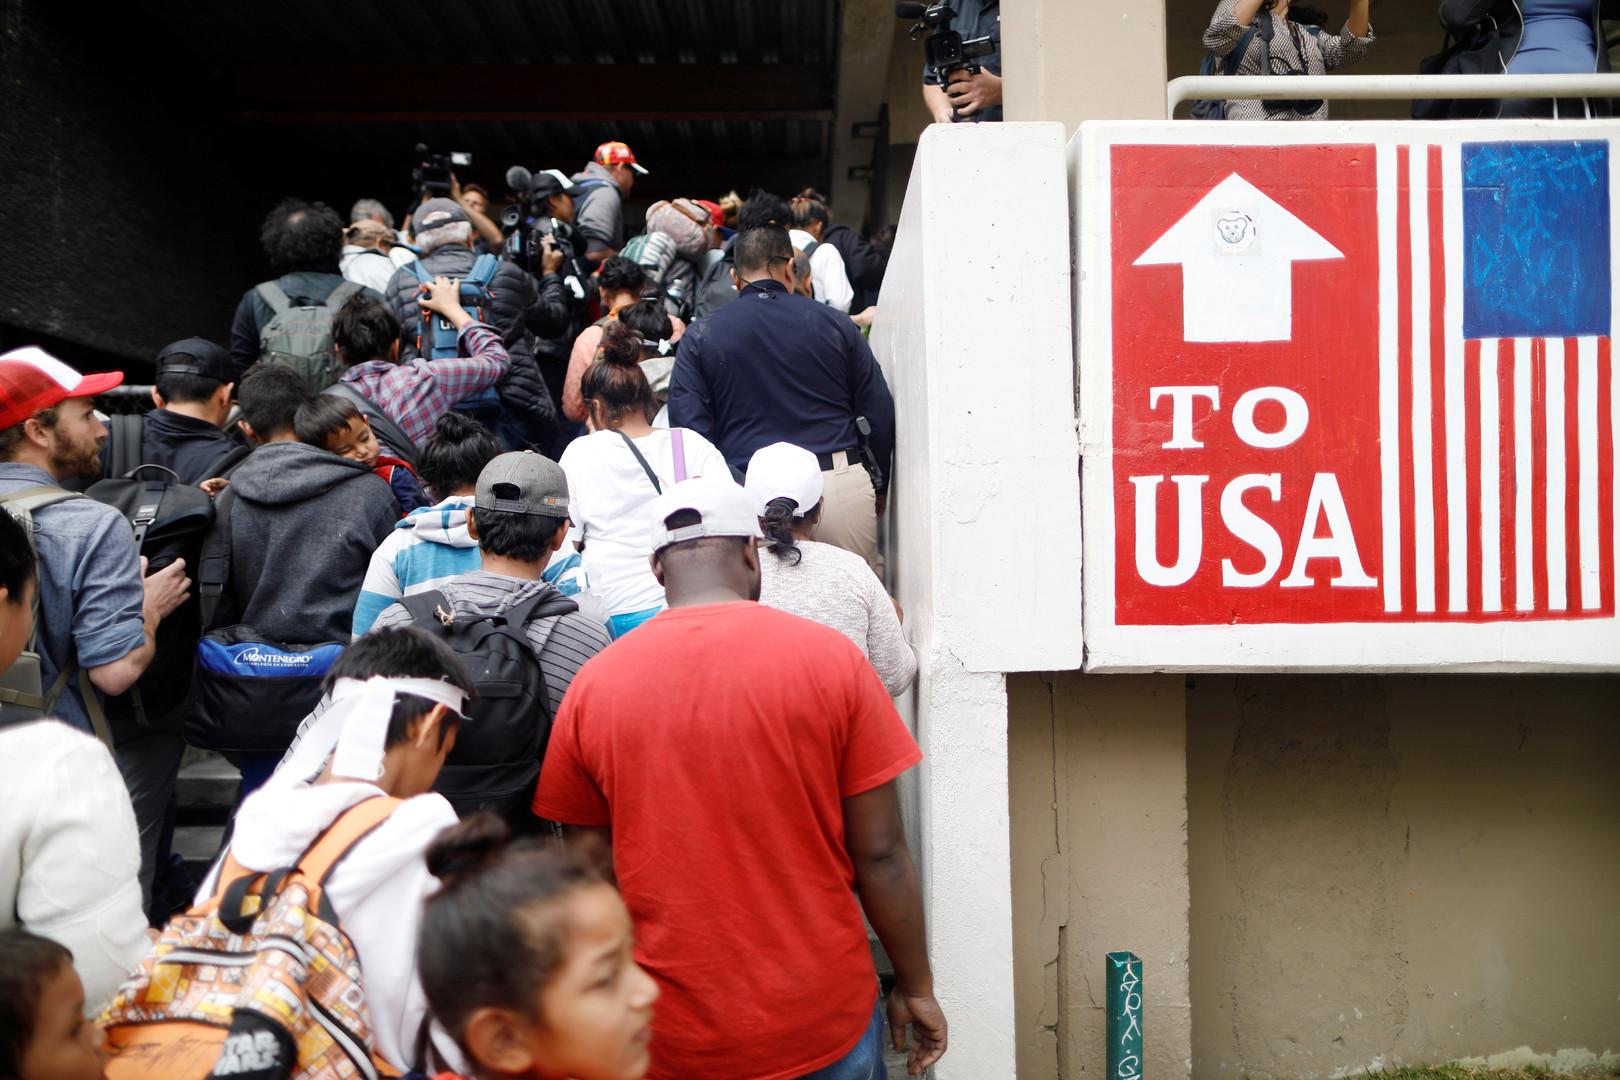 Migranten auf dem Weg zur US-Grenze erreichen die Zollabfertigung. Sie wollen Asyl in den USA beantragen, Tijuana, Mexiko, 29. April 2018.